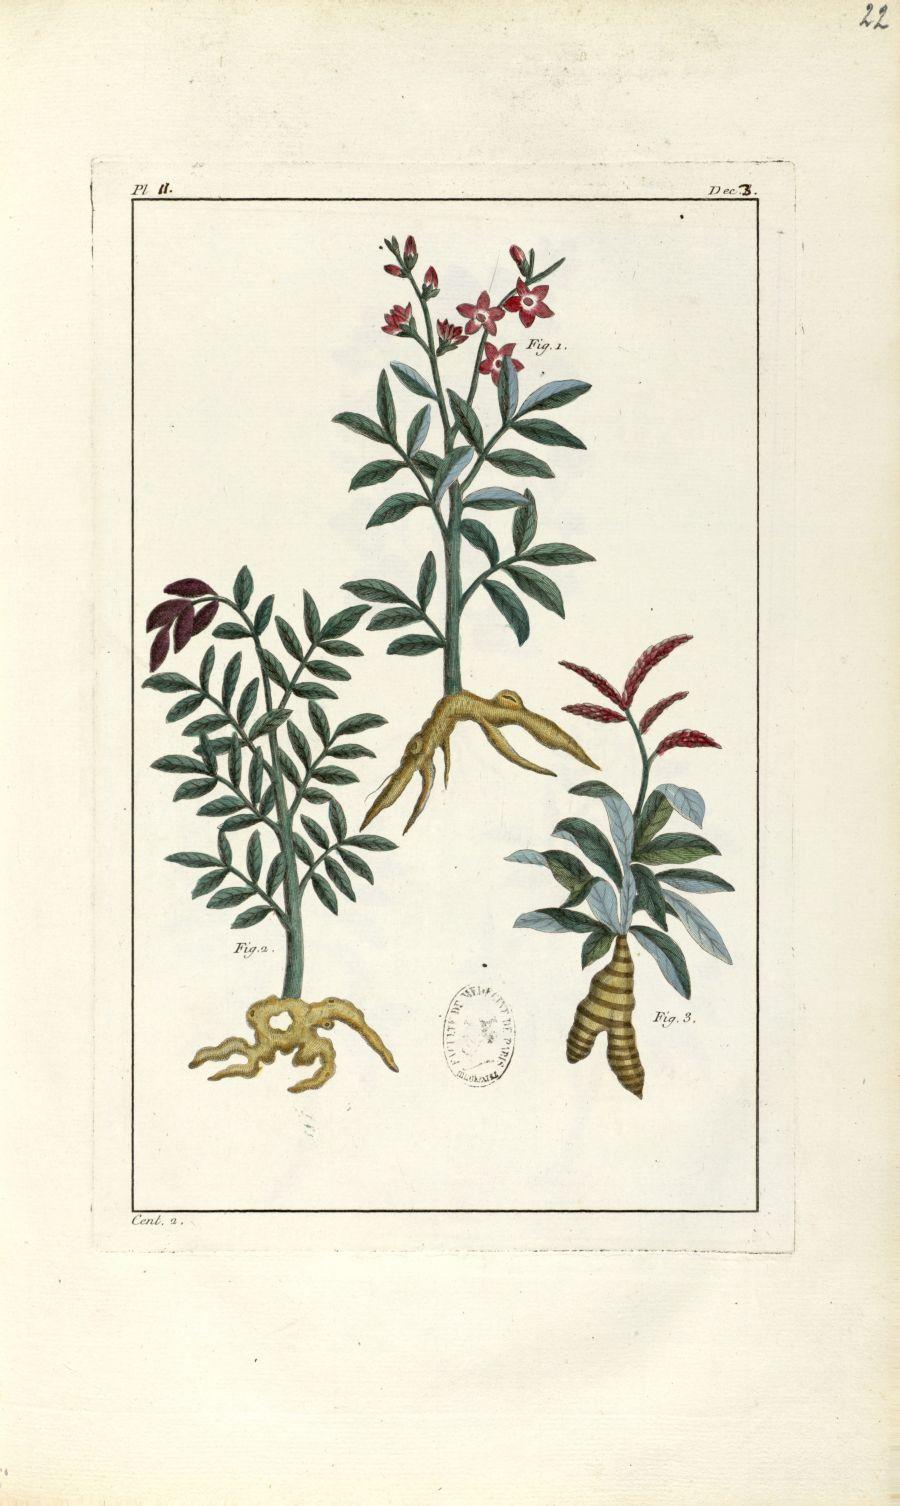 Planche II. Dec. 3. Cent. 2 - Herbier ou collection des plantes médicinales de la Chine d'après un m [...] - Botanique. Plantes (médecine). Chine. 18e siècle - med01989x0025